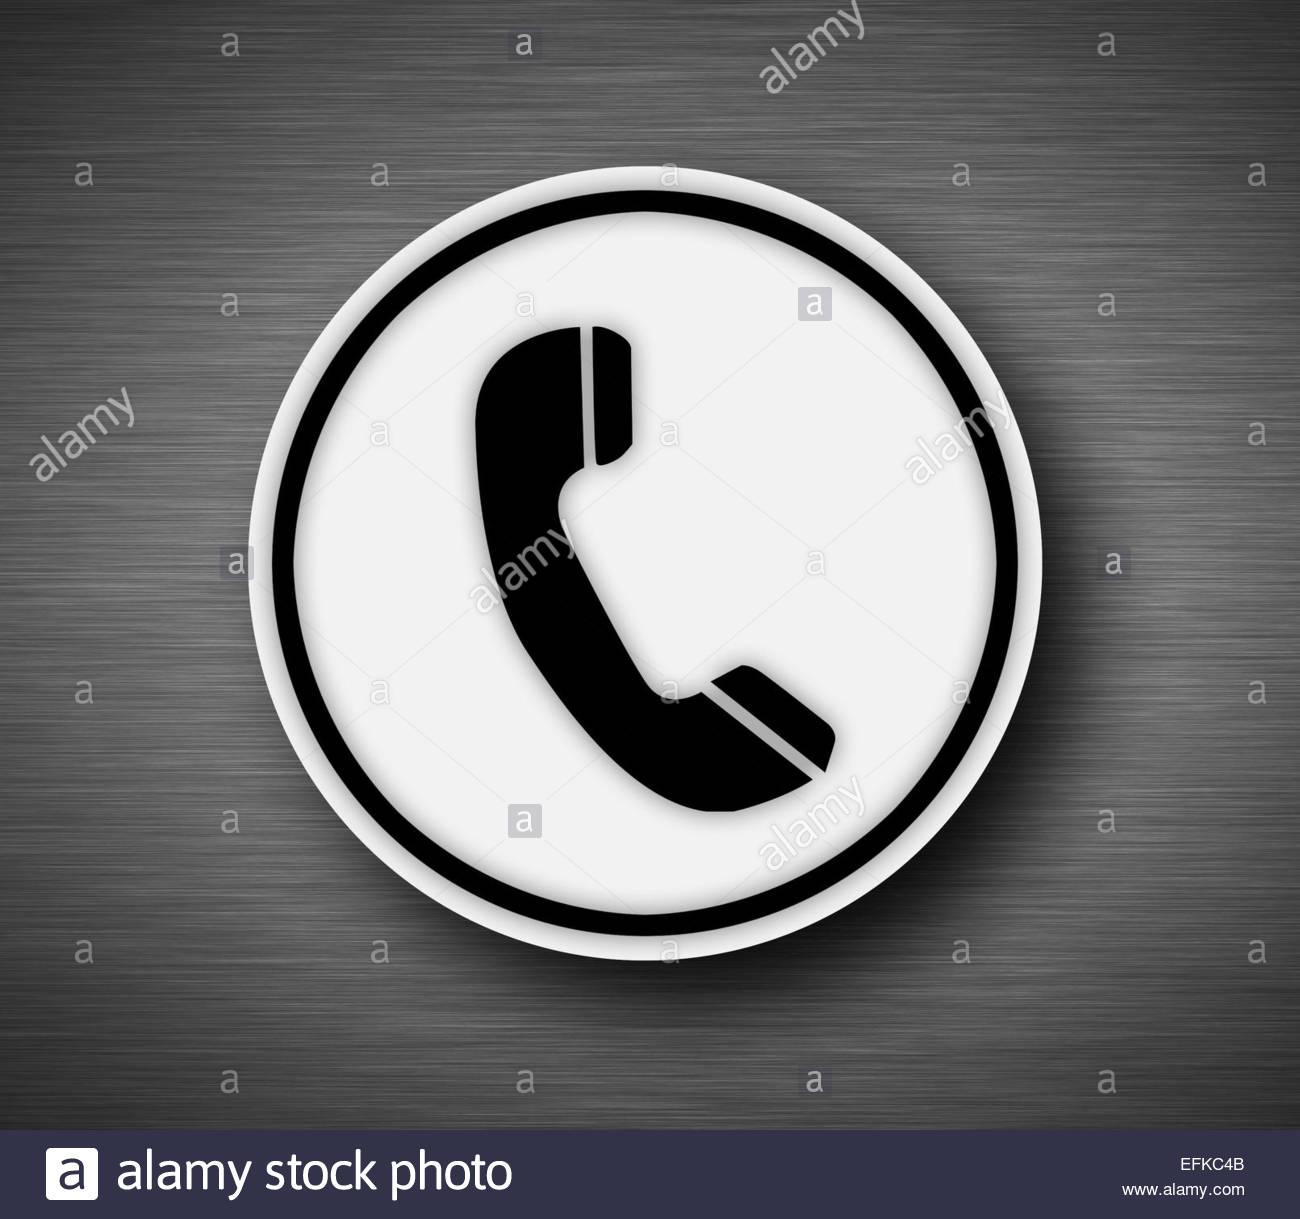 Icona del telefono su sfondo metallico Immagini Stock